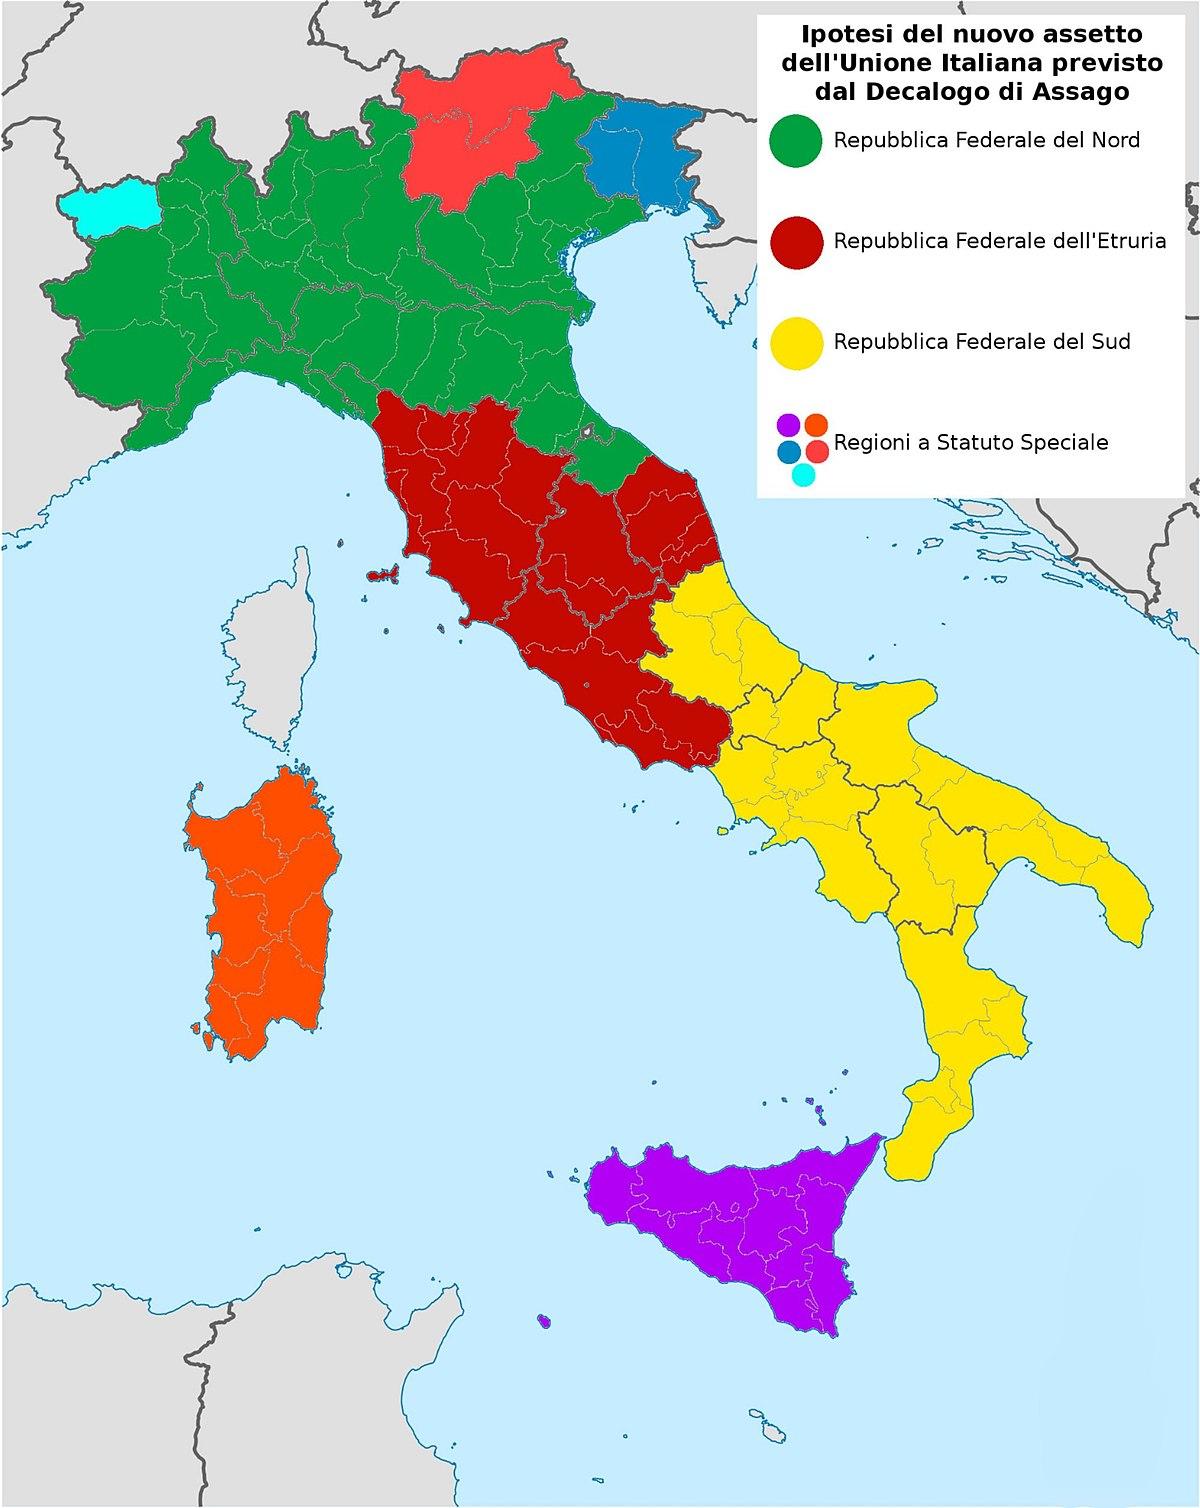 Decalogo di assago wikipedia for Politica italiana wikipedia